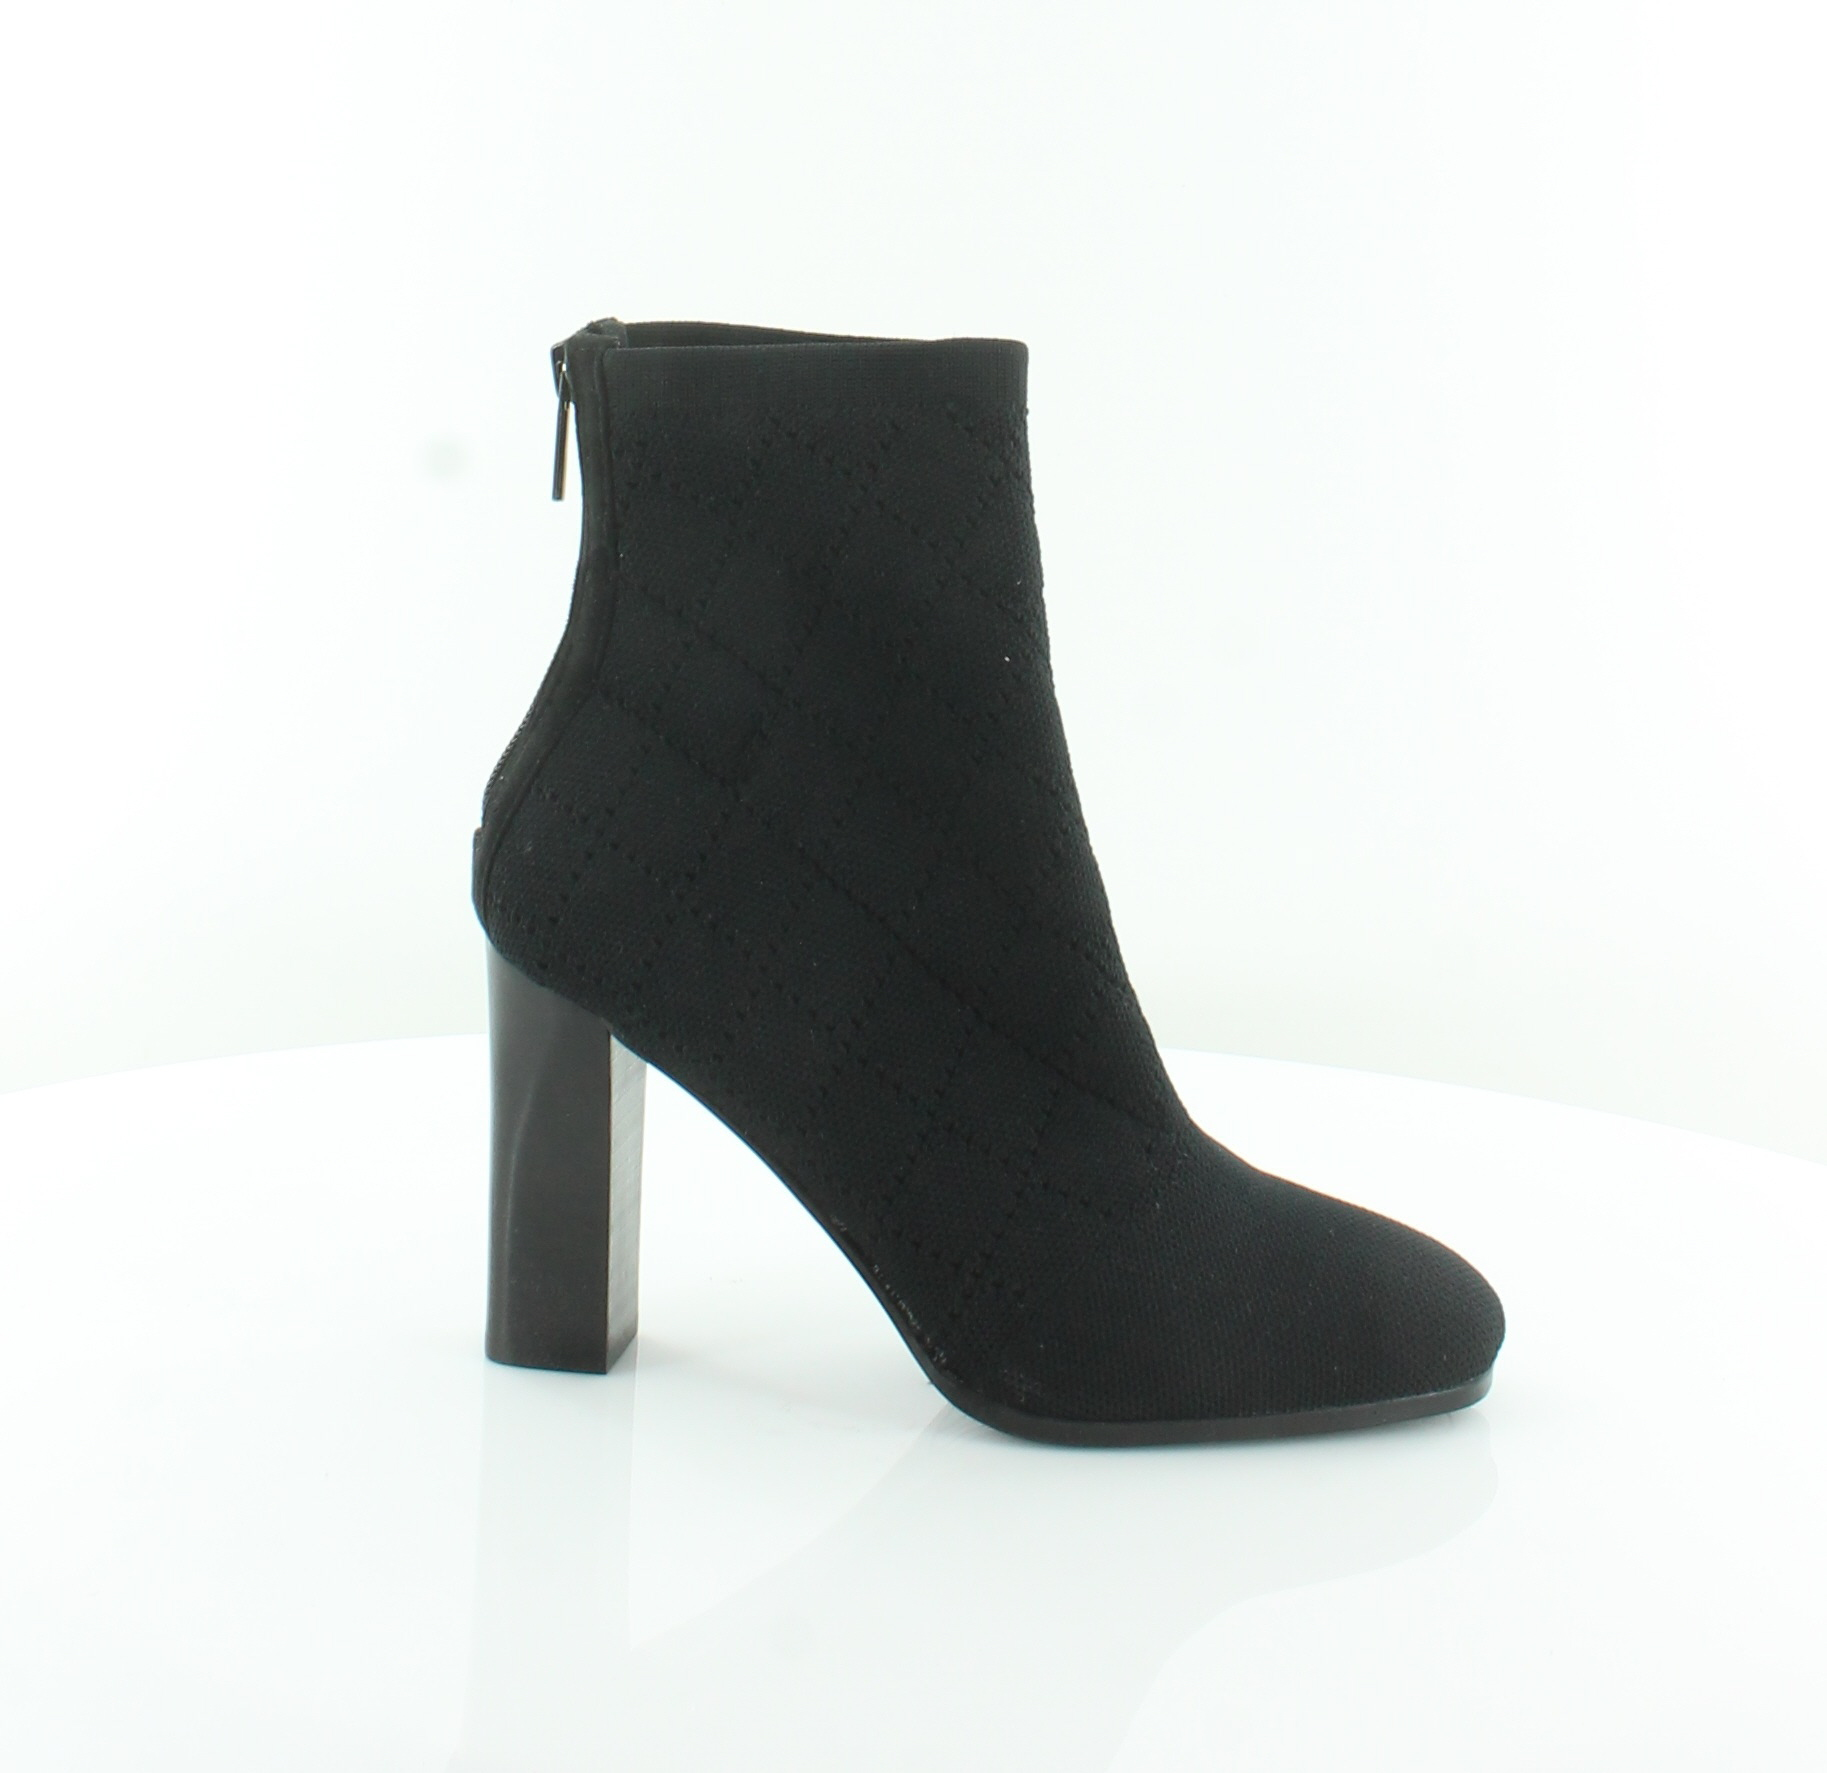 Impo Impo Impo nuevo Roble Negro botas Zapatos Talla 6 M para mujer precio minorista sugerido por el fabricante  99 5aaeee